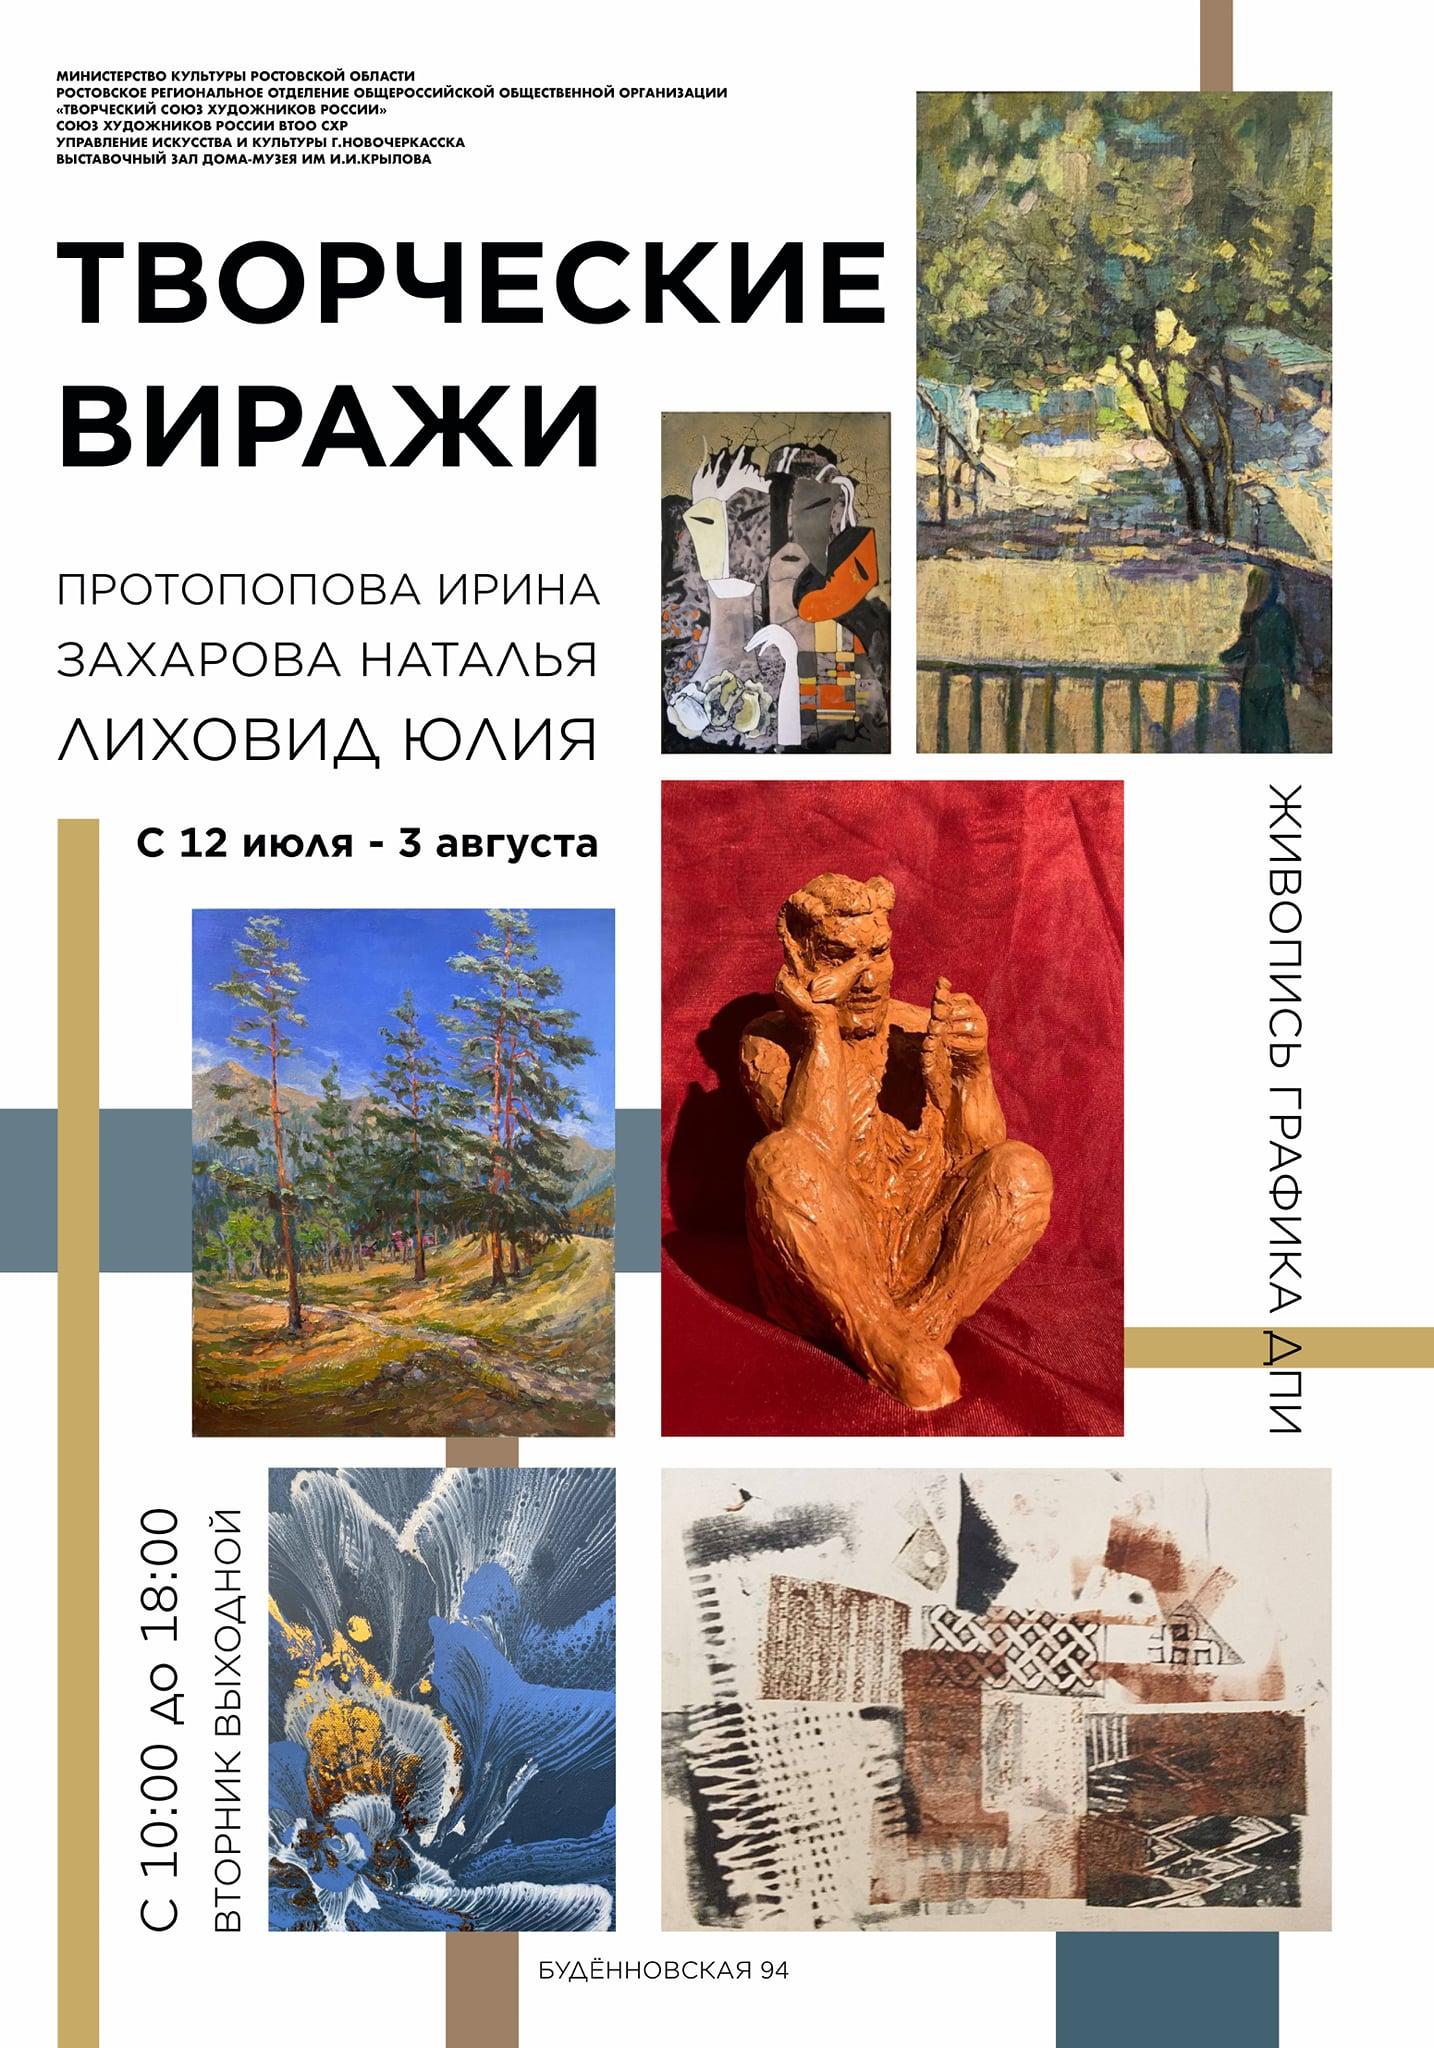 В выставочном зале Дома-музея И. И. Крылова открылась выставка «Творческие виражи» (живопись, графика, декоративно-прикладное искусство) ростовских художников